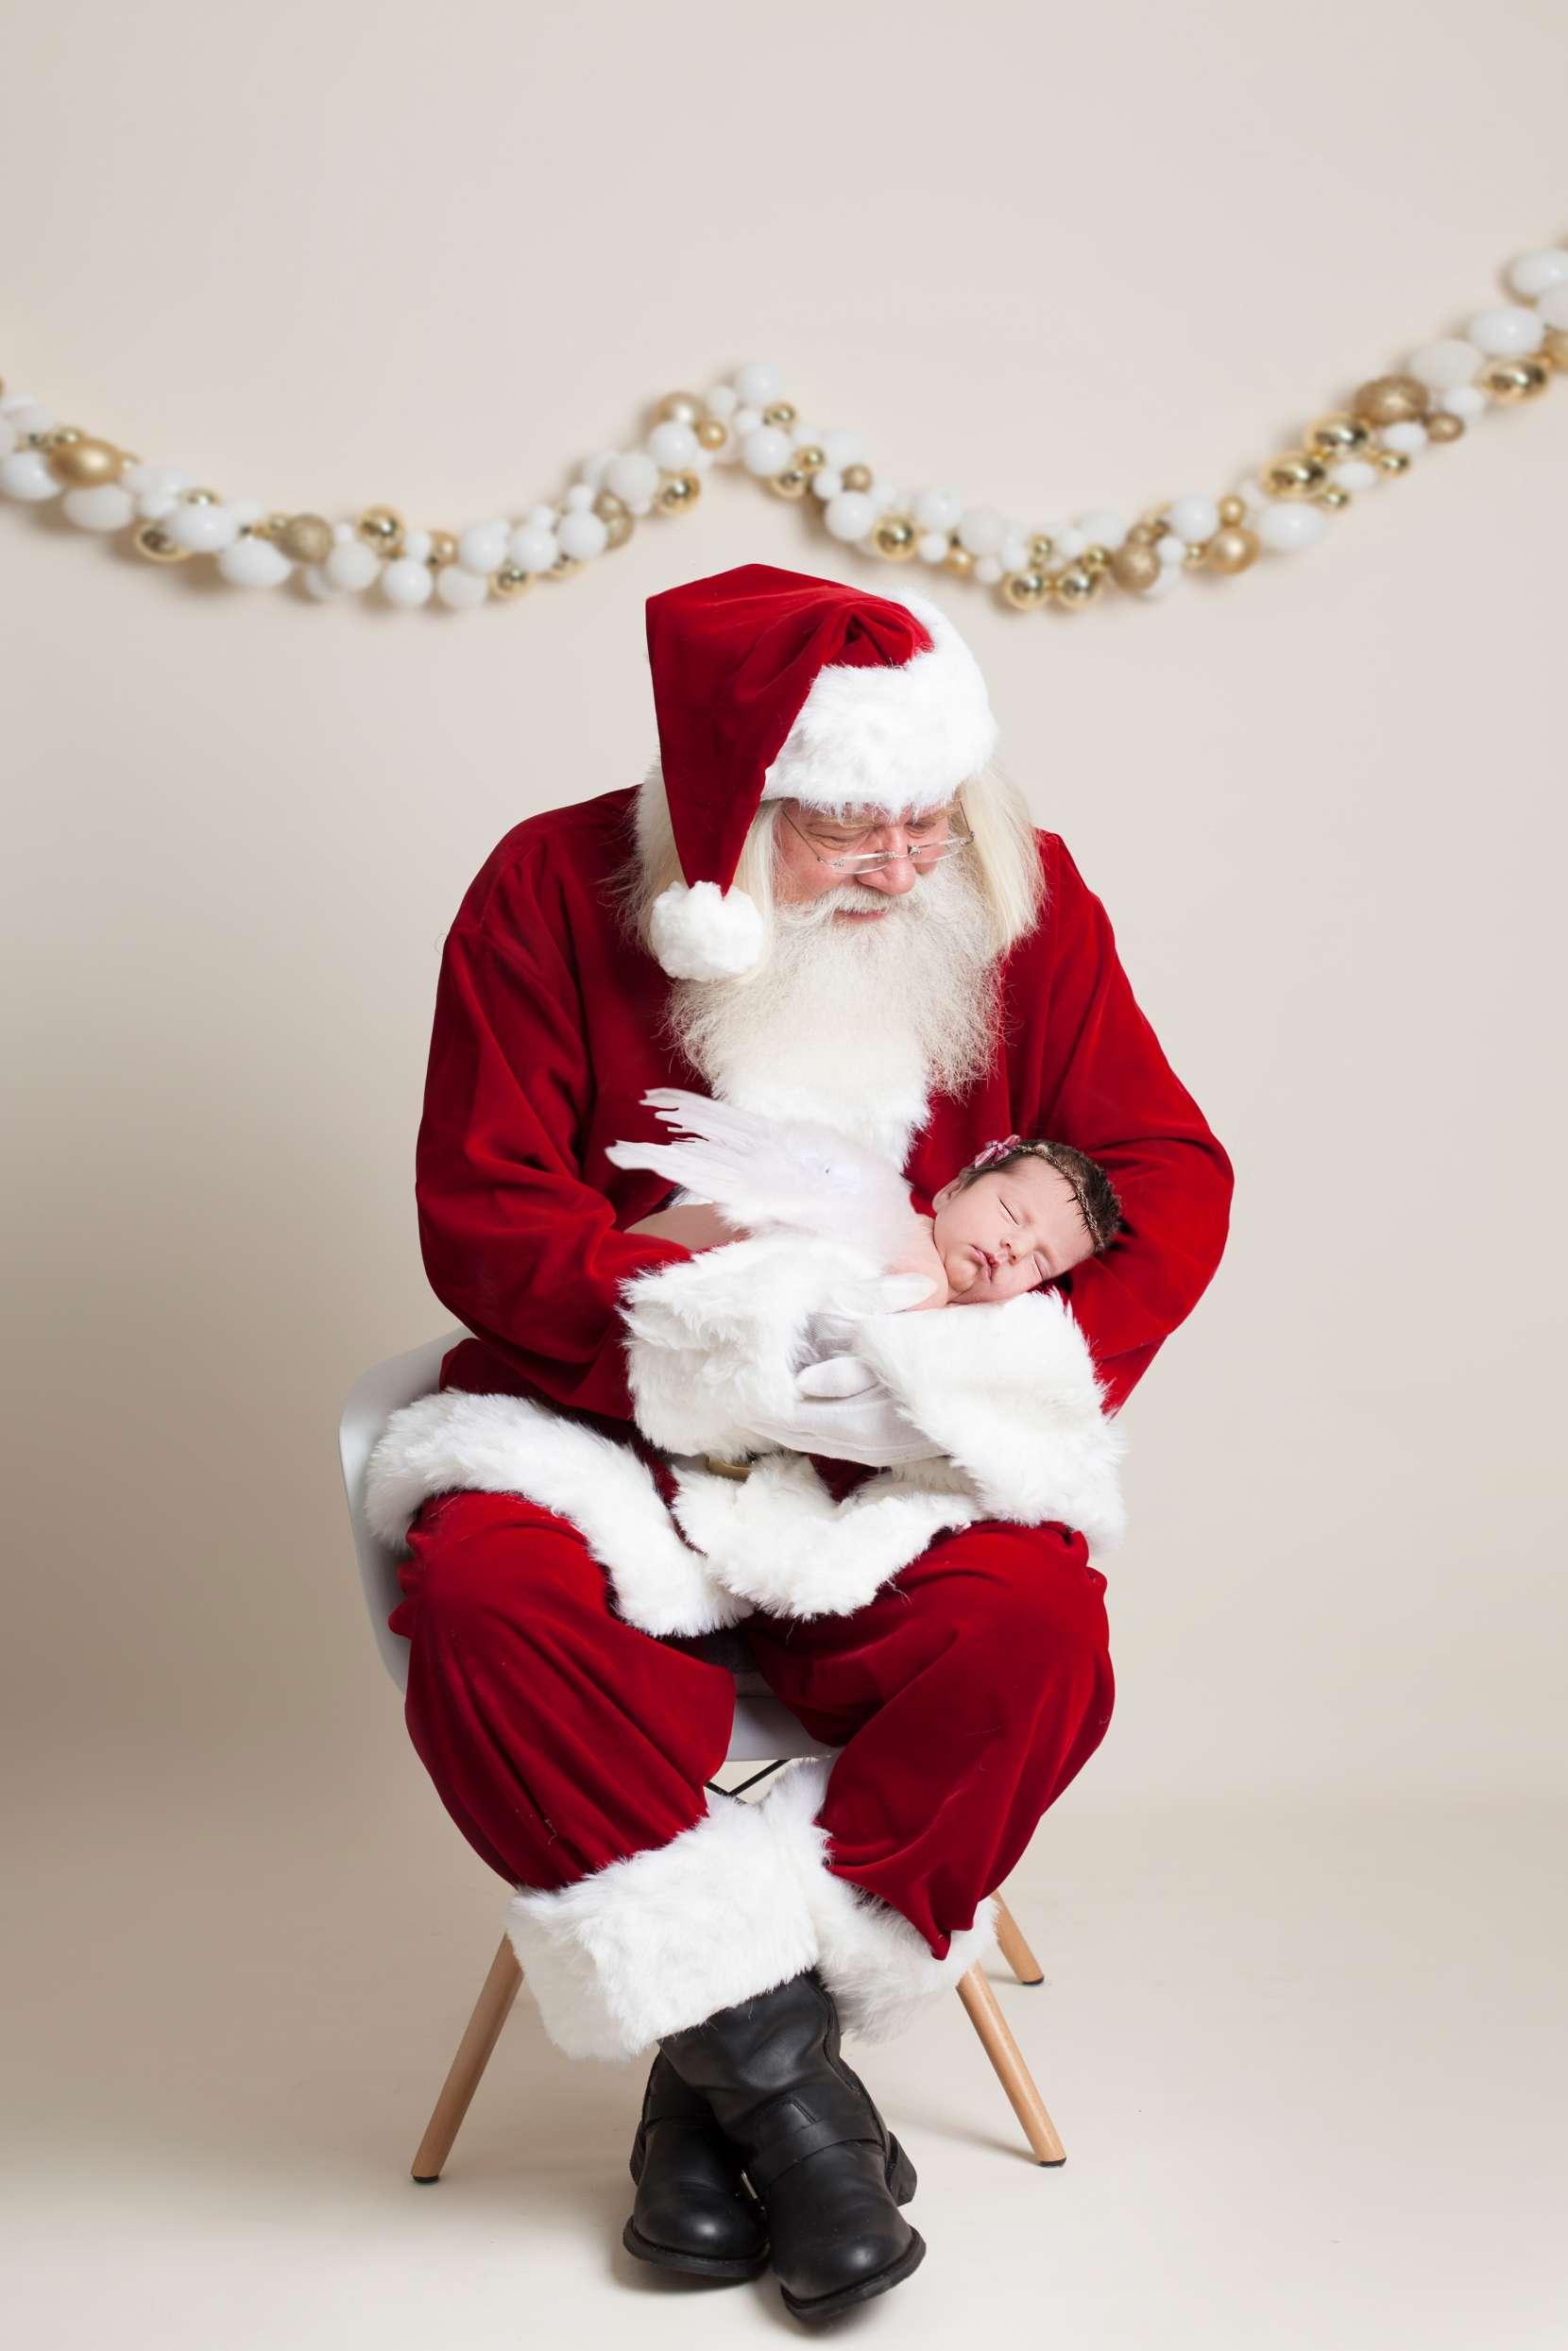 santa-cradles-newborn-download-2500x3749.jpg